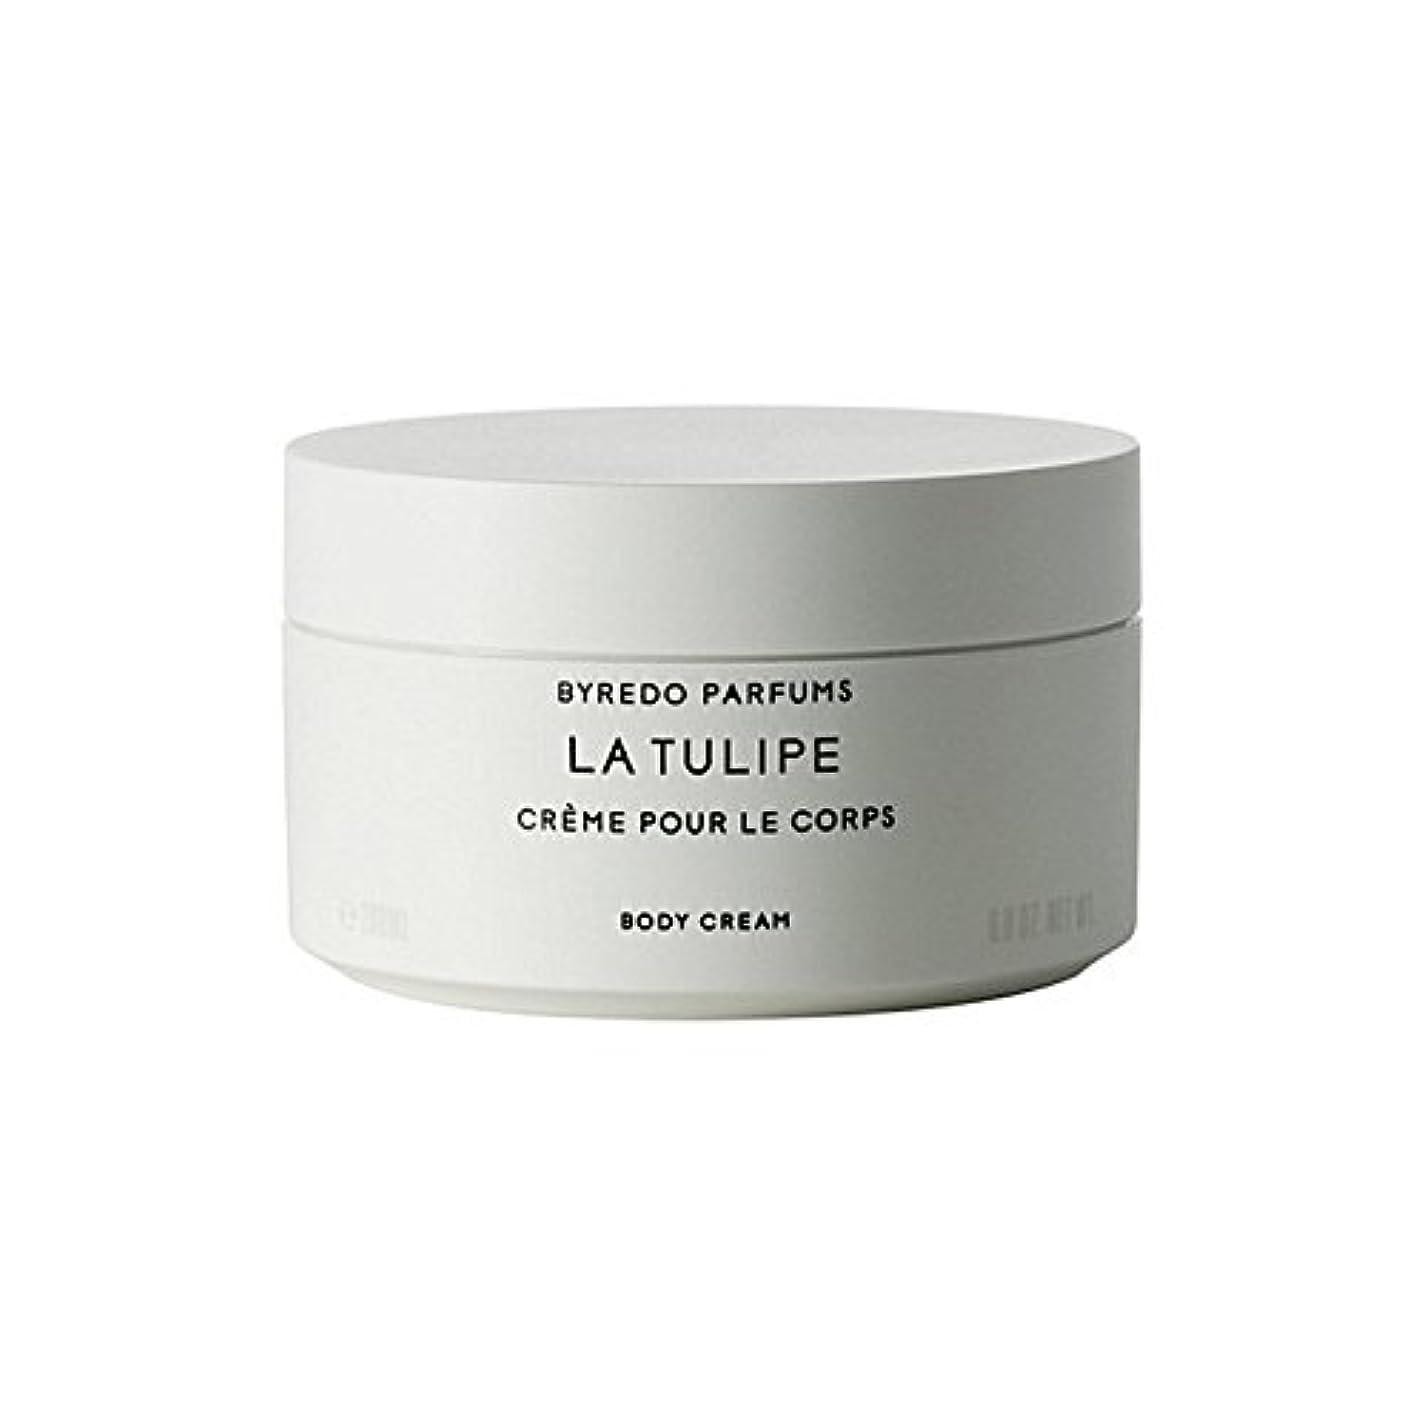 グラムくつろぐグラムラチューリップボディクリーム200ミリリットル x4 - Byredo La Tulipe Body Cream 200ml (Pack of 4) [並行輸入品]